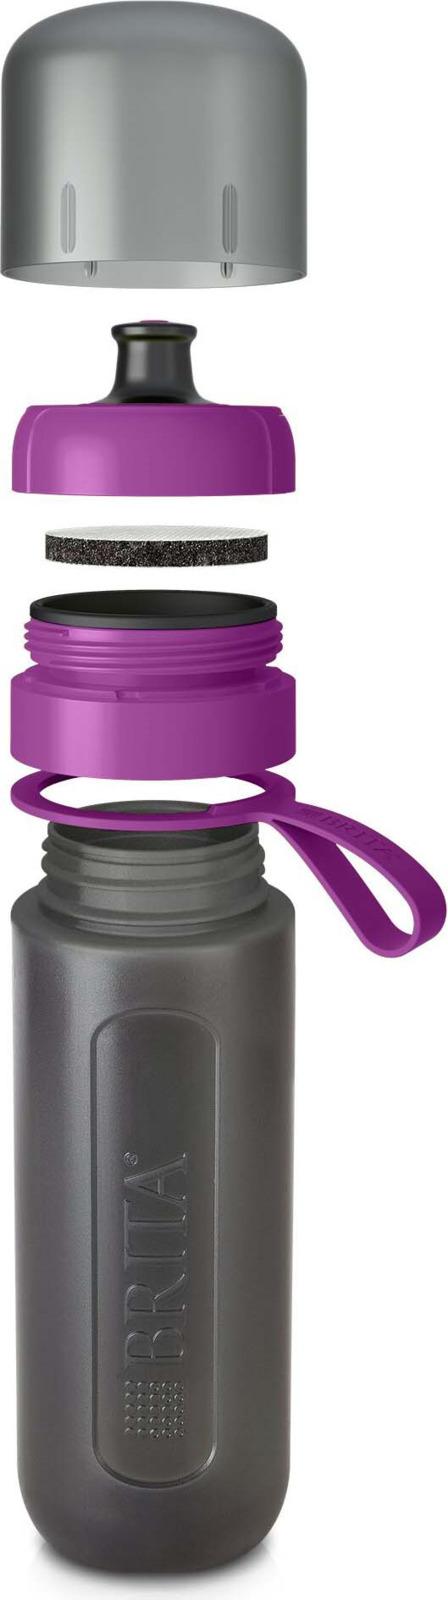 процедуру фиолетовый фильтр для фото институте